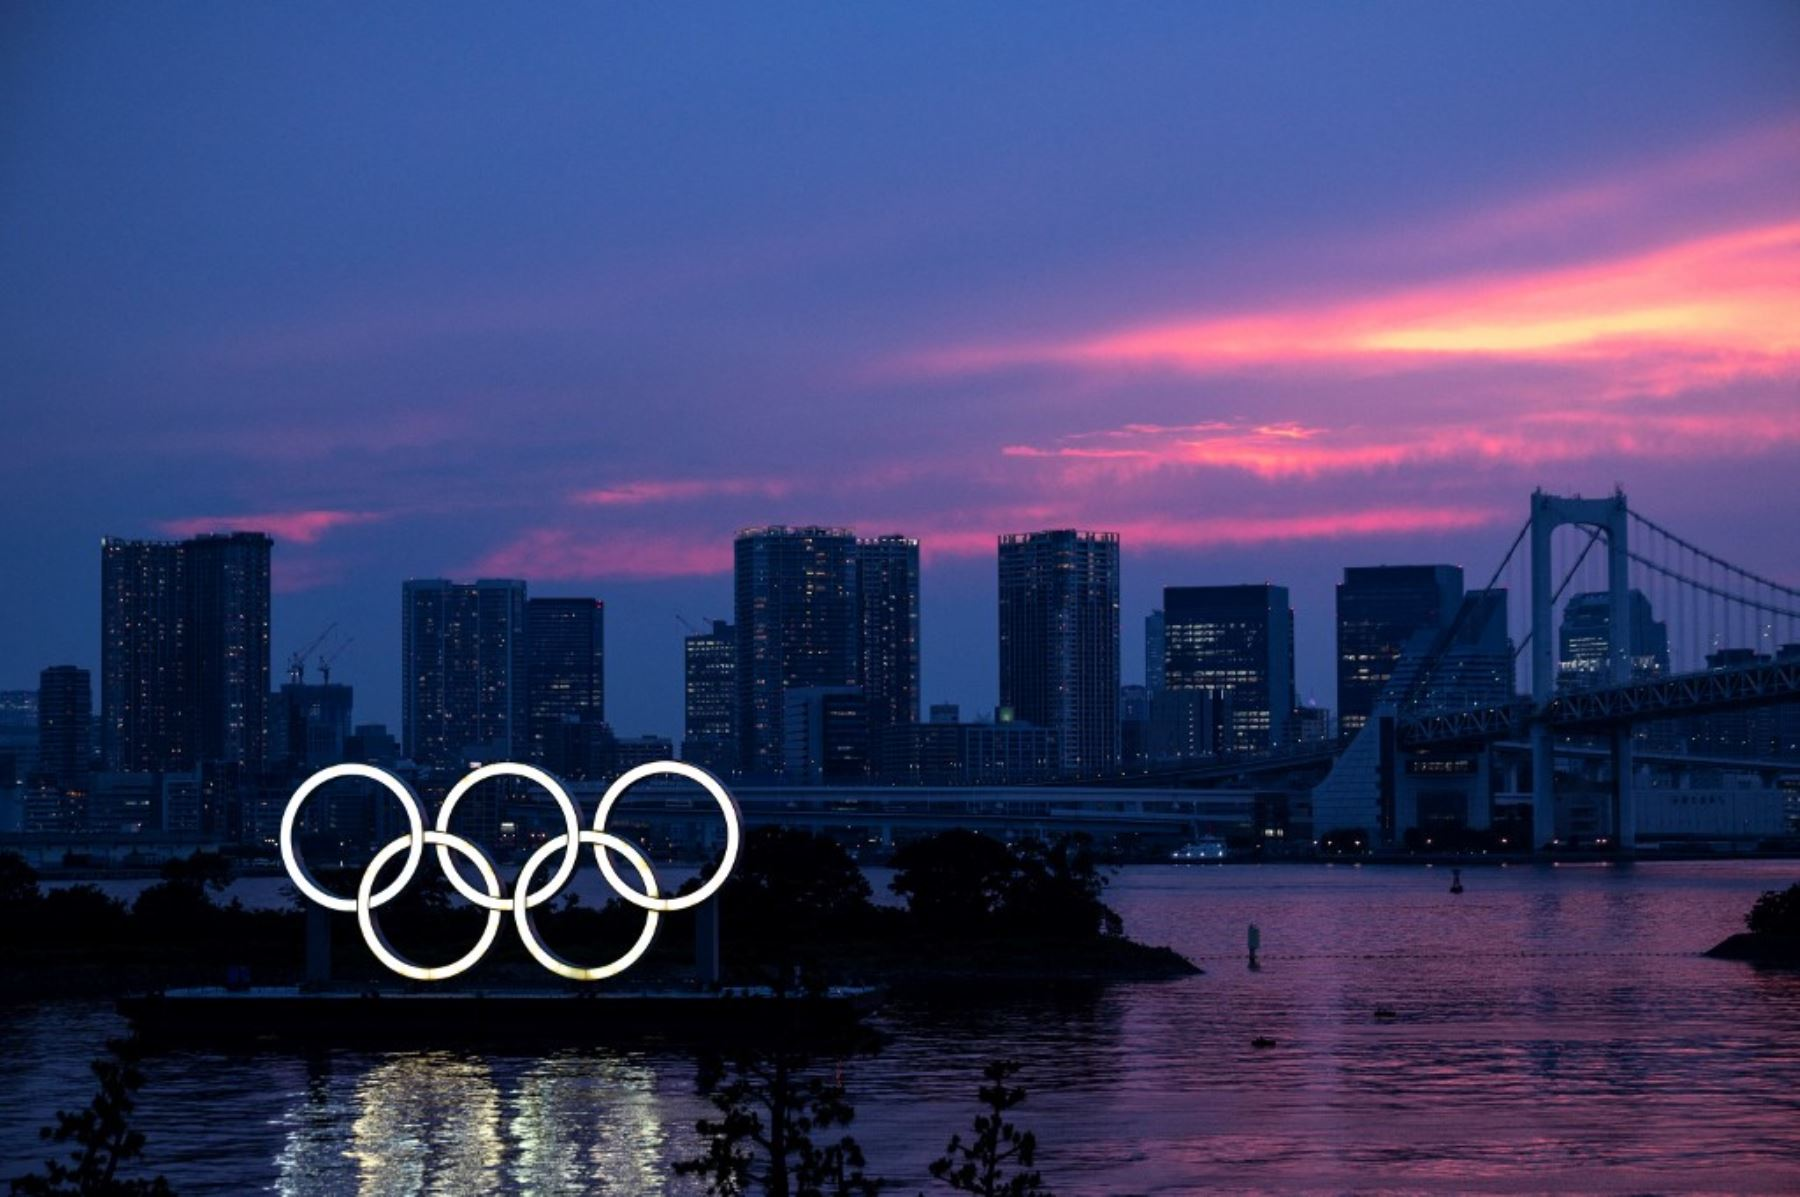 Juegos de Tokio: Medidas sanitarias podrían agravar los riesgos por el calor